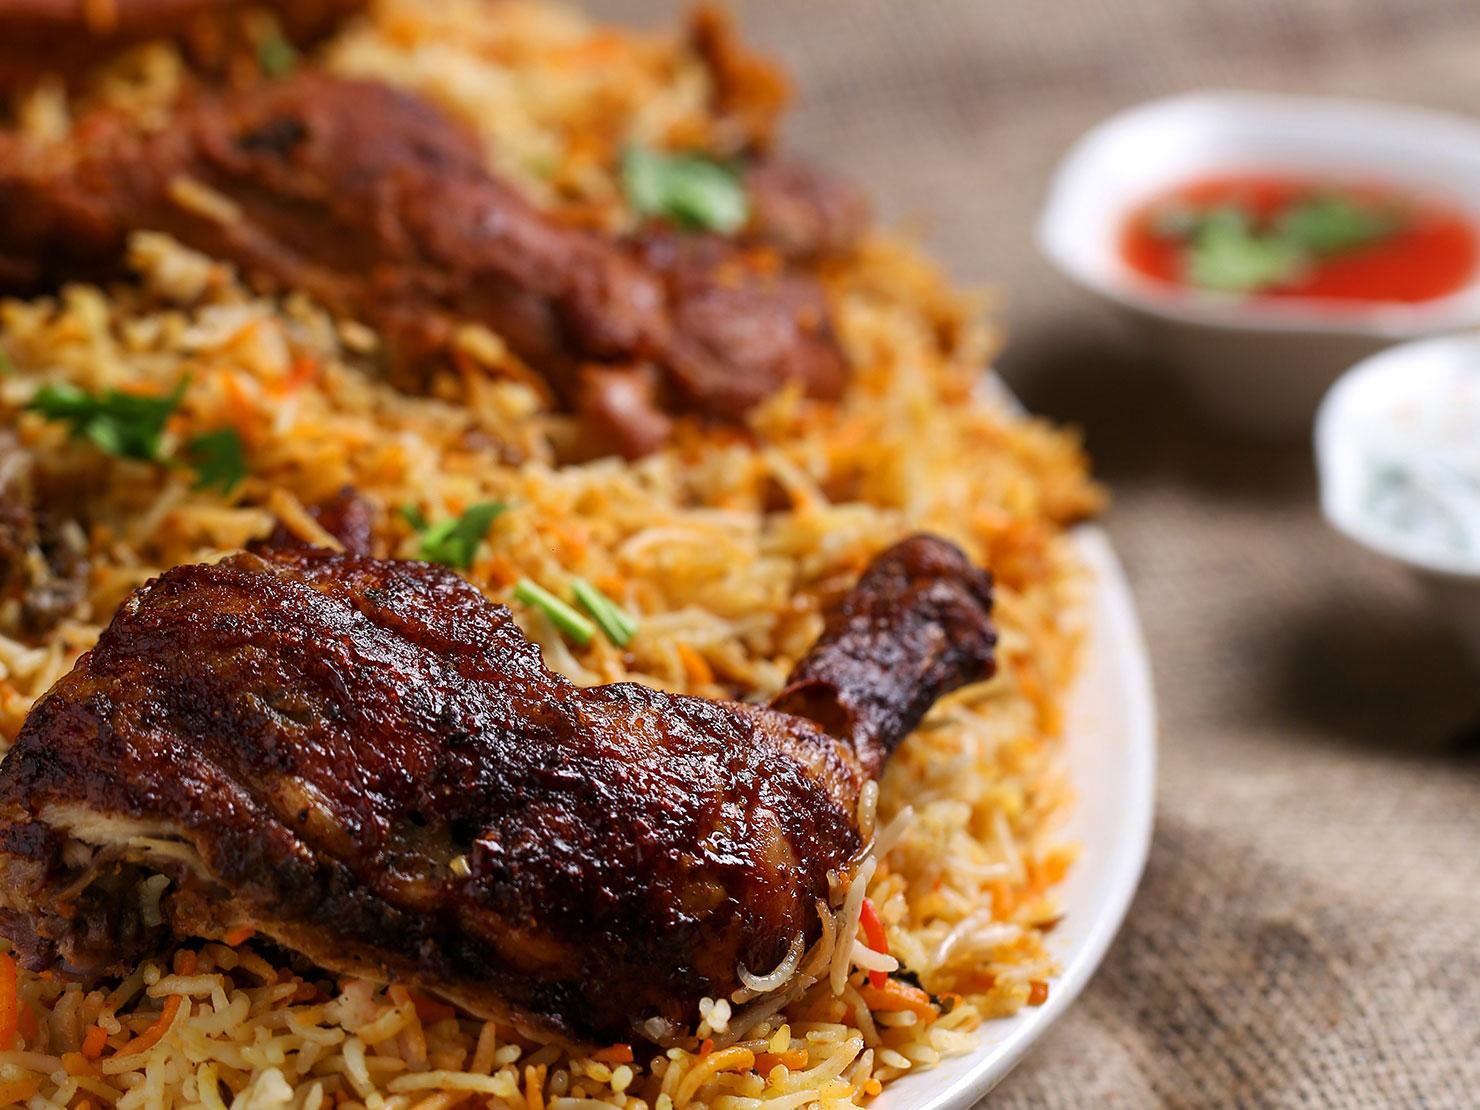 Ein gebratenes Stück Fleisch mit Reis auf einem Teller